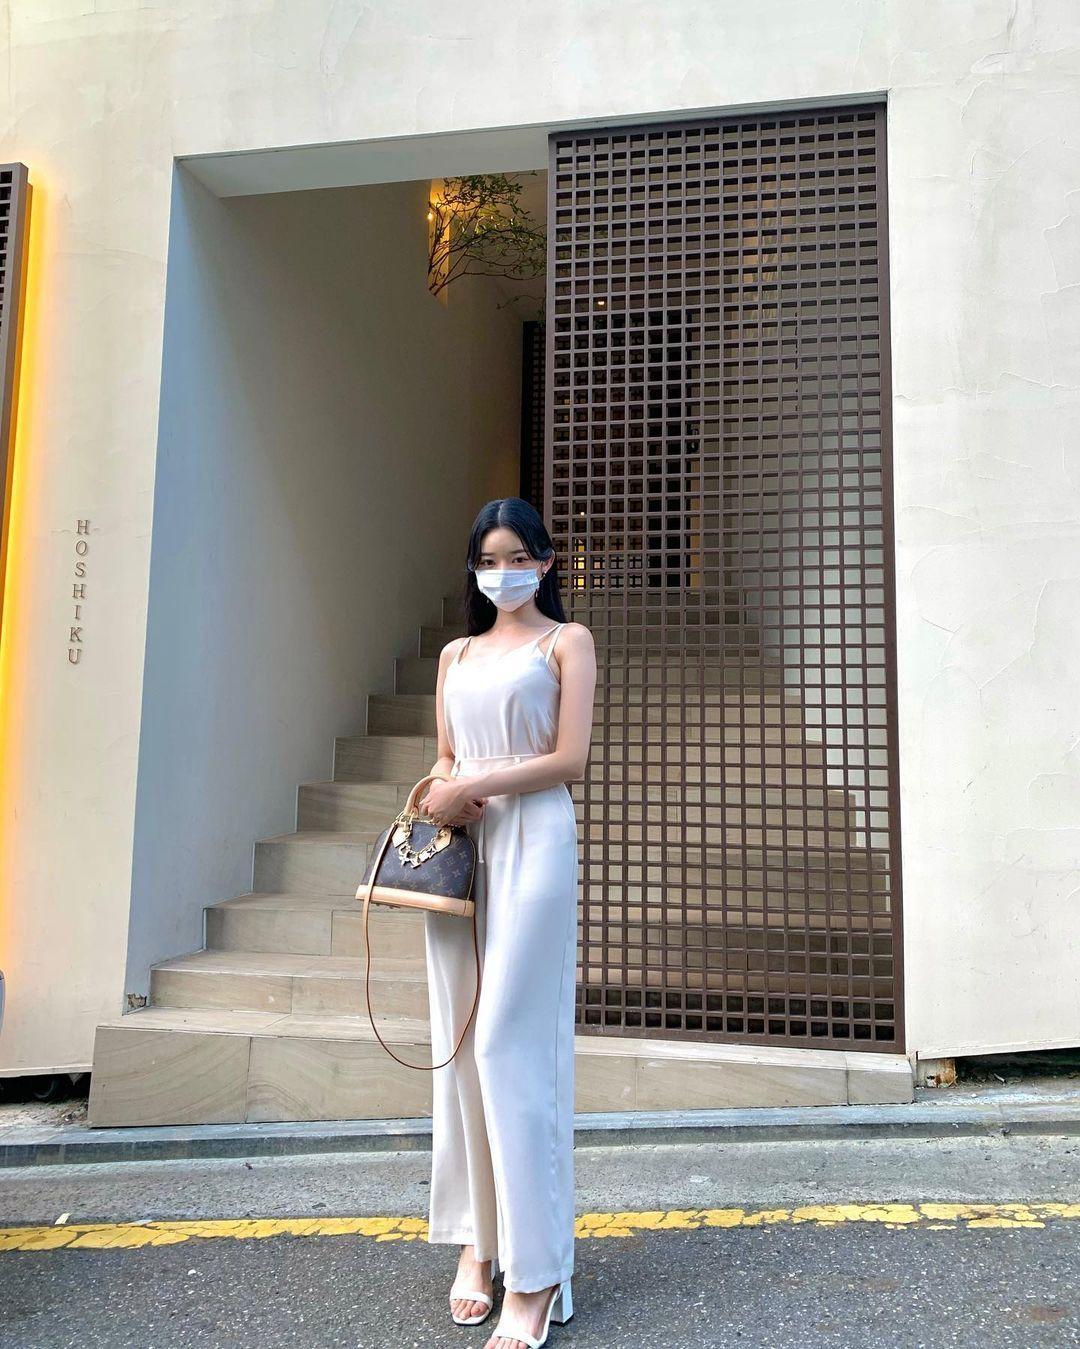 韩国街头超正短裙长腿妹,身材纤细却有料,清纯脸蛋藏着小恶魔的内在 养眼图片 第7张